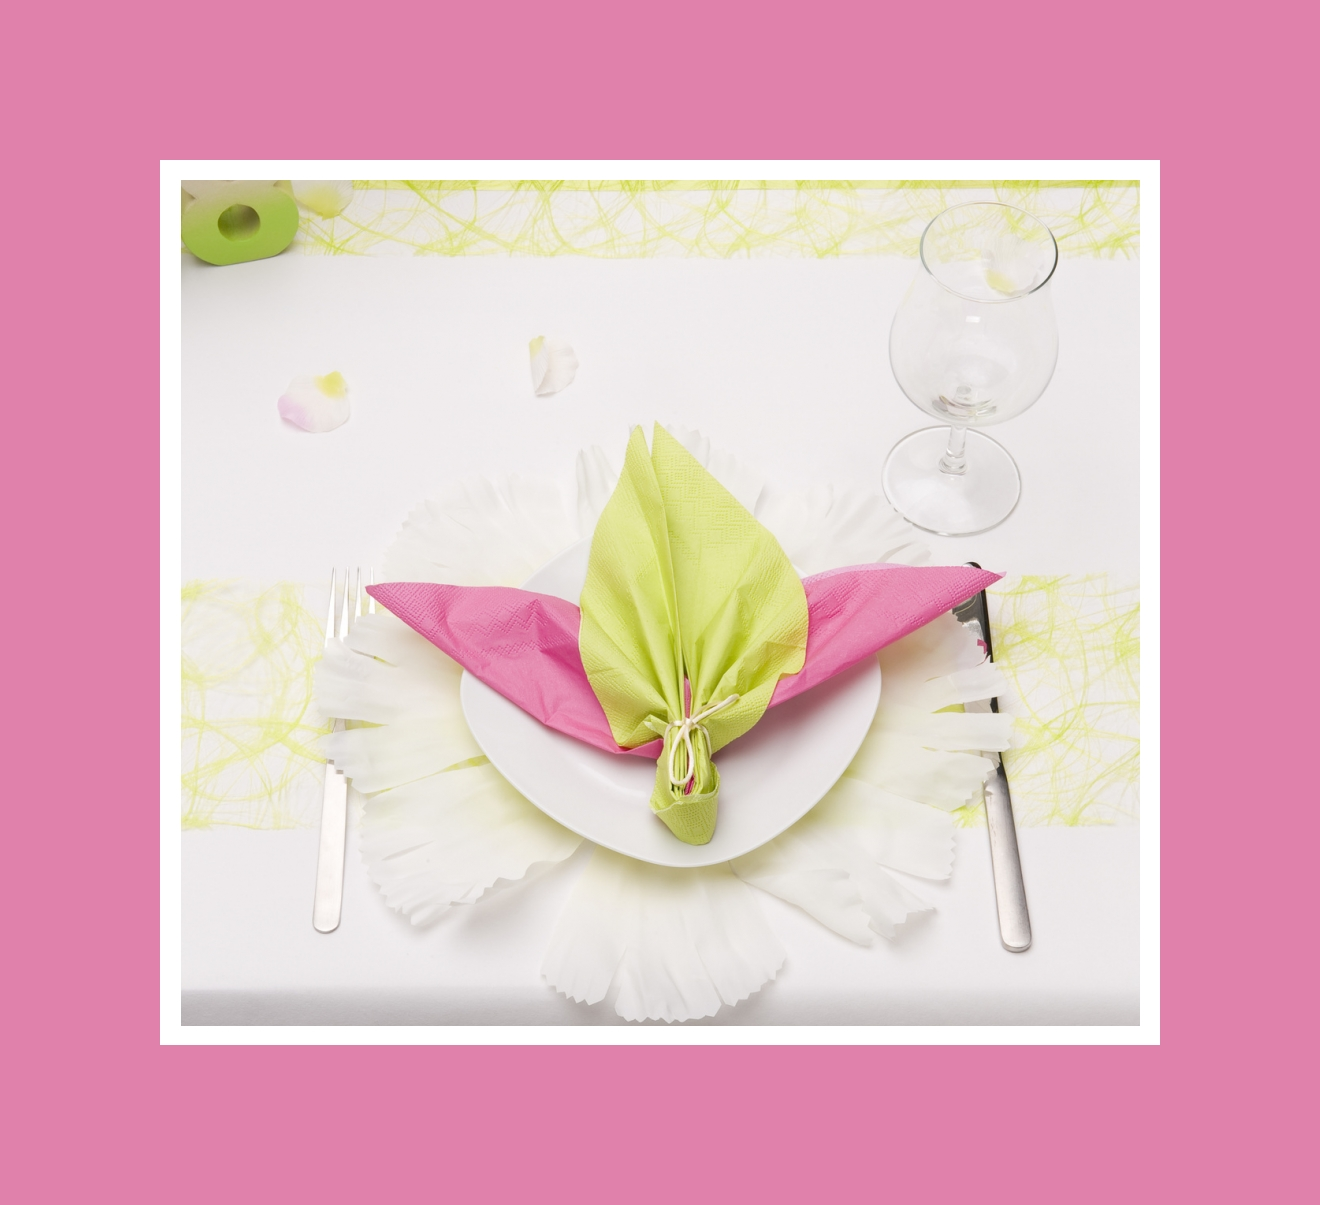 Kunstvoll gefaltete Servietten in Pink und Hellgrün